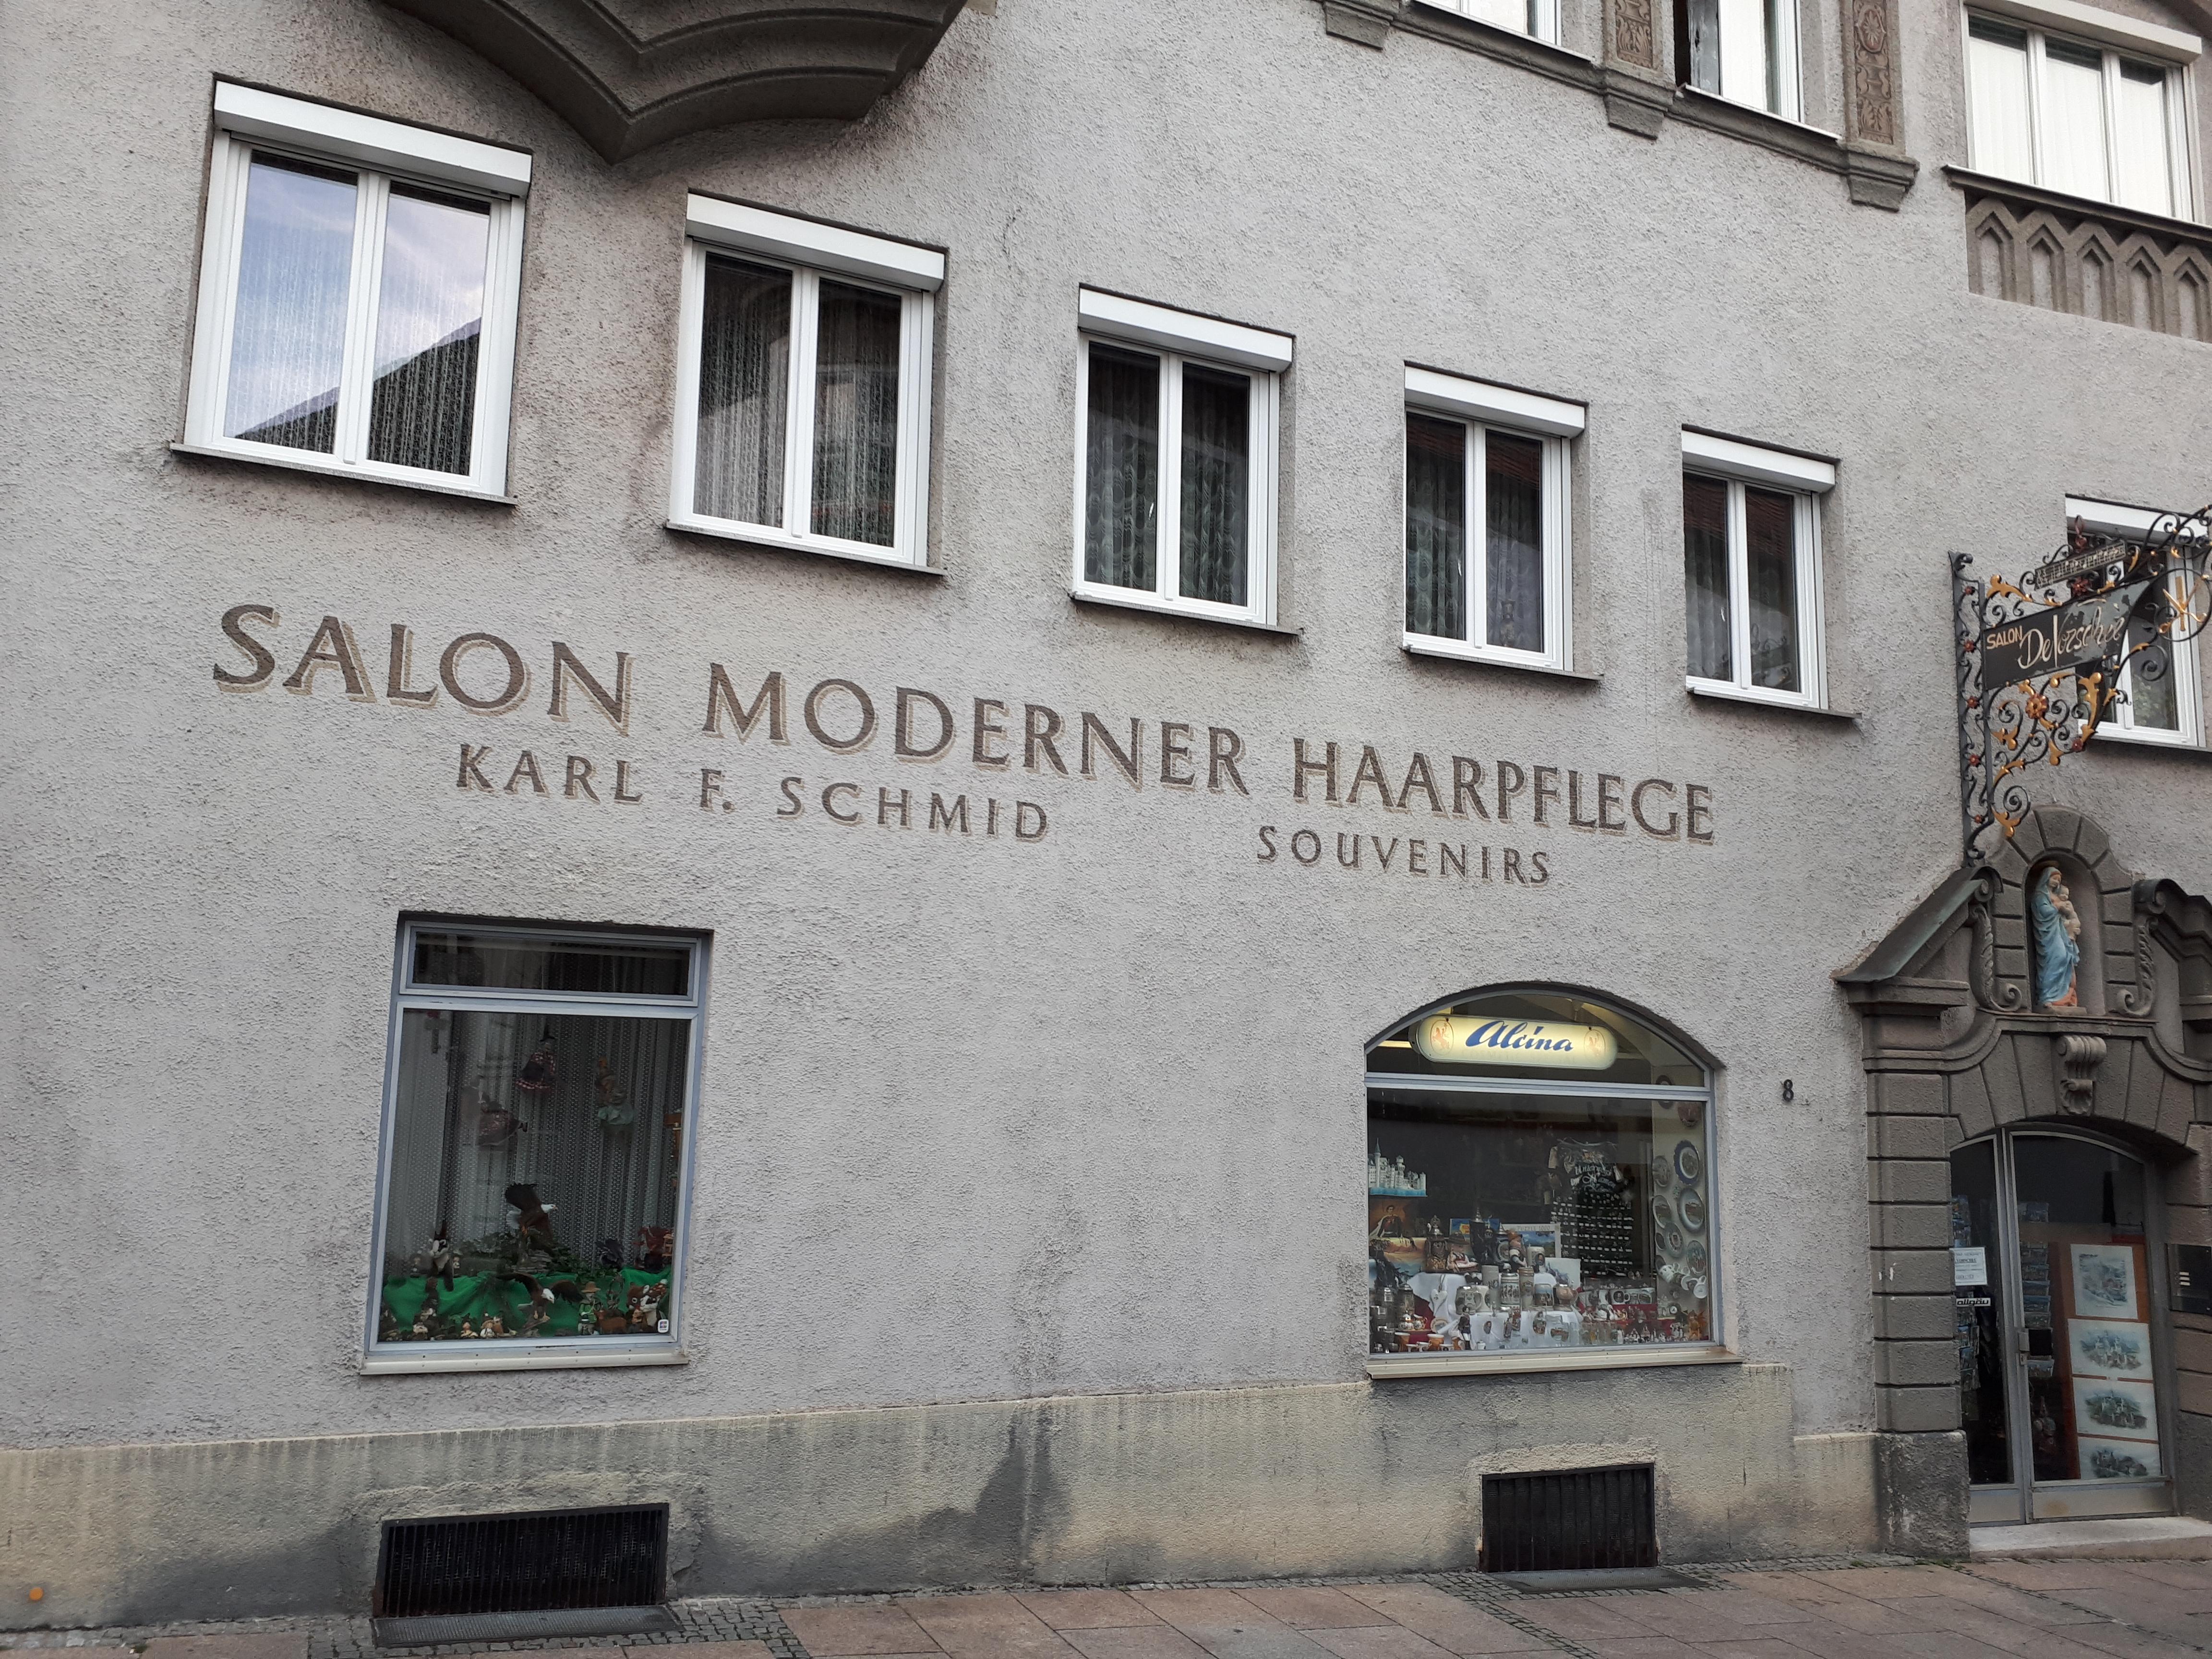 Moderne Haarpflege mit Erinnerung | Typemuseum